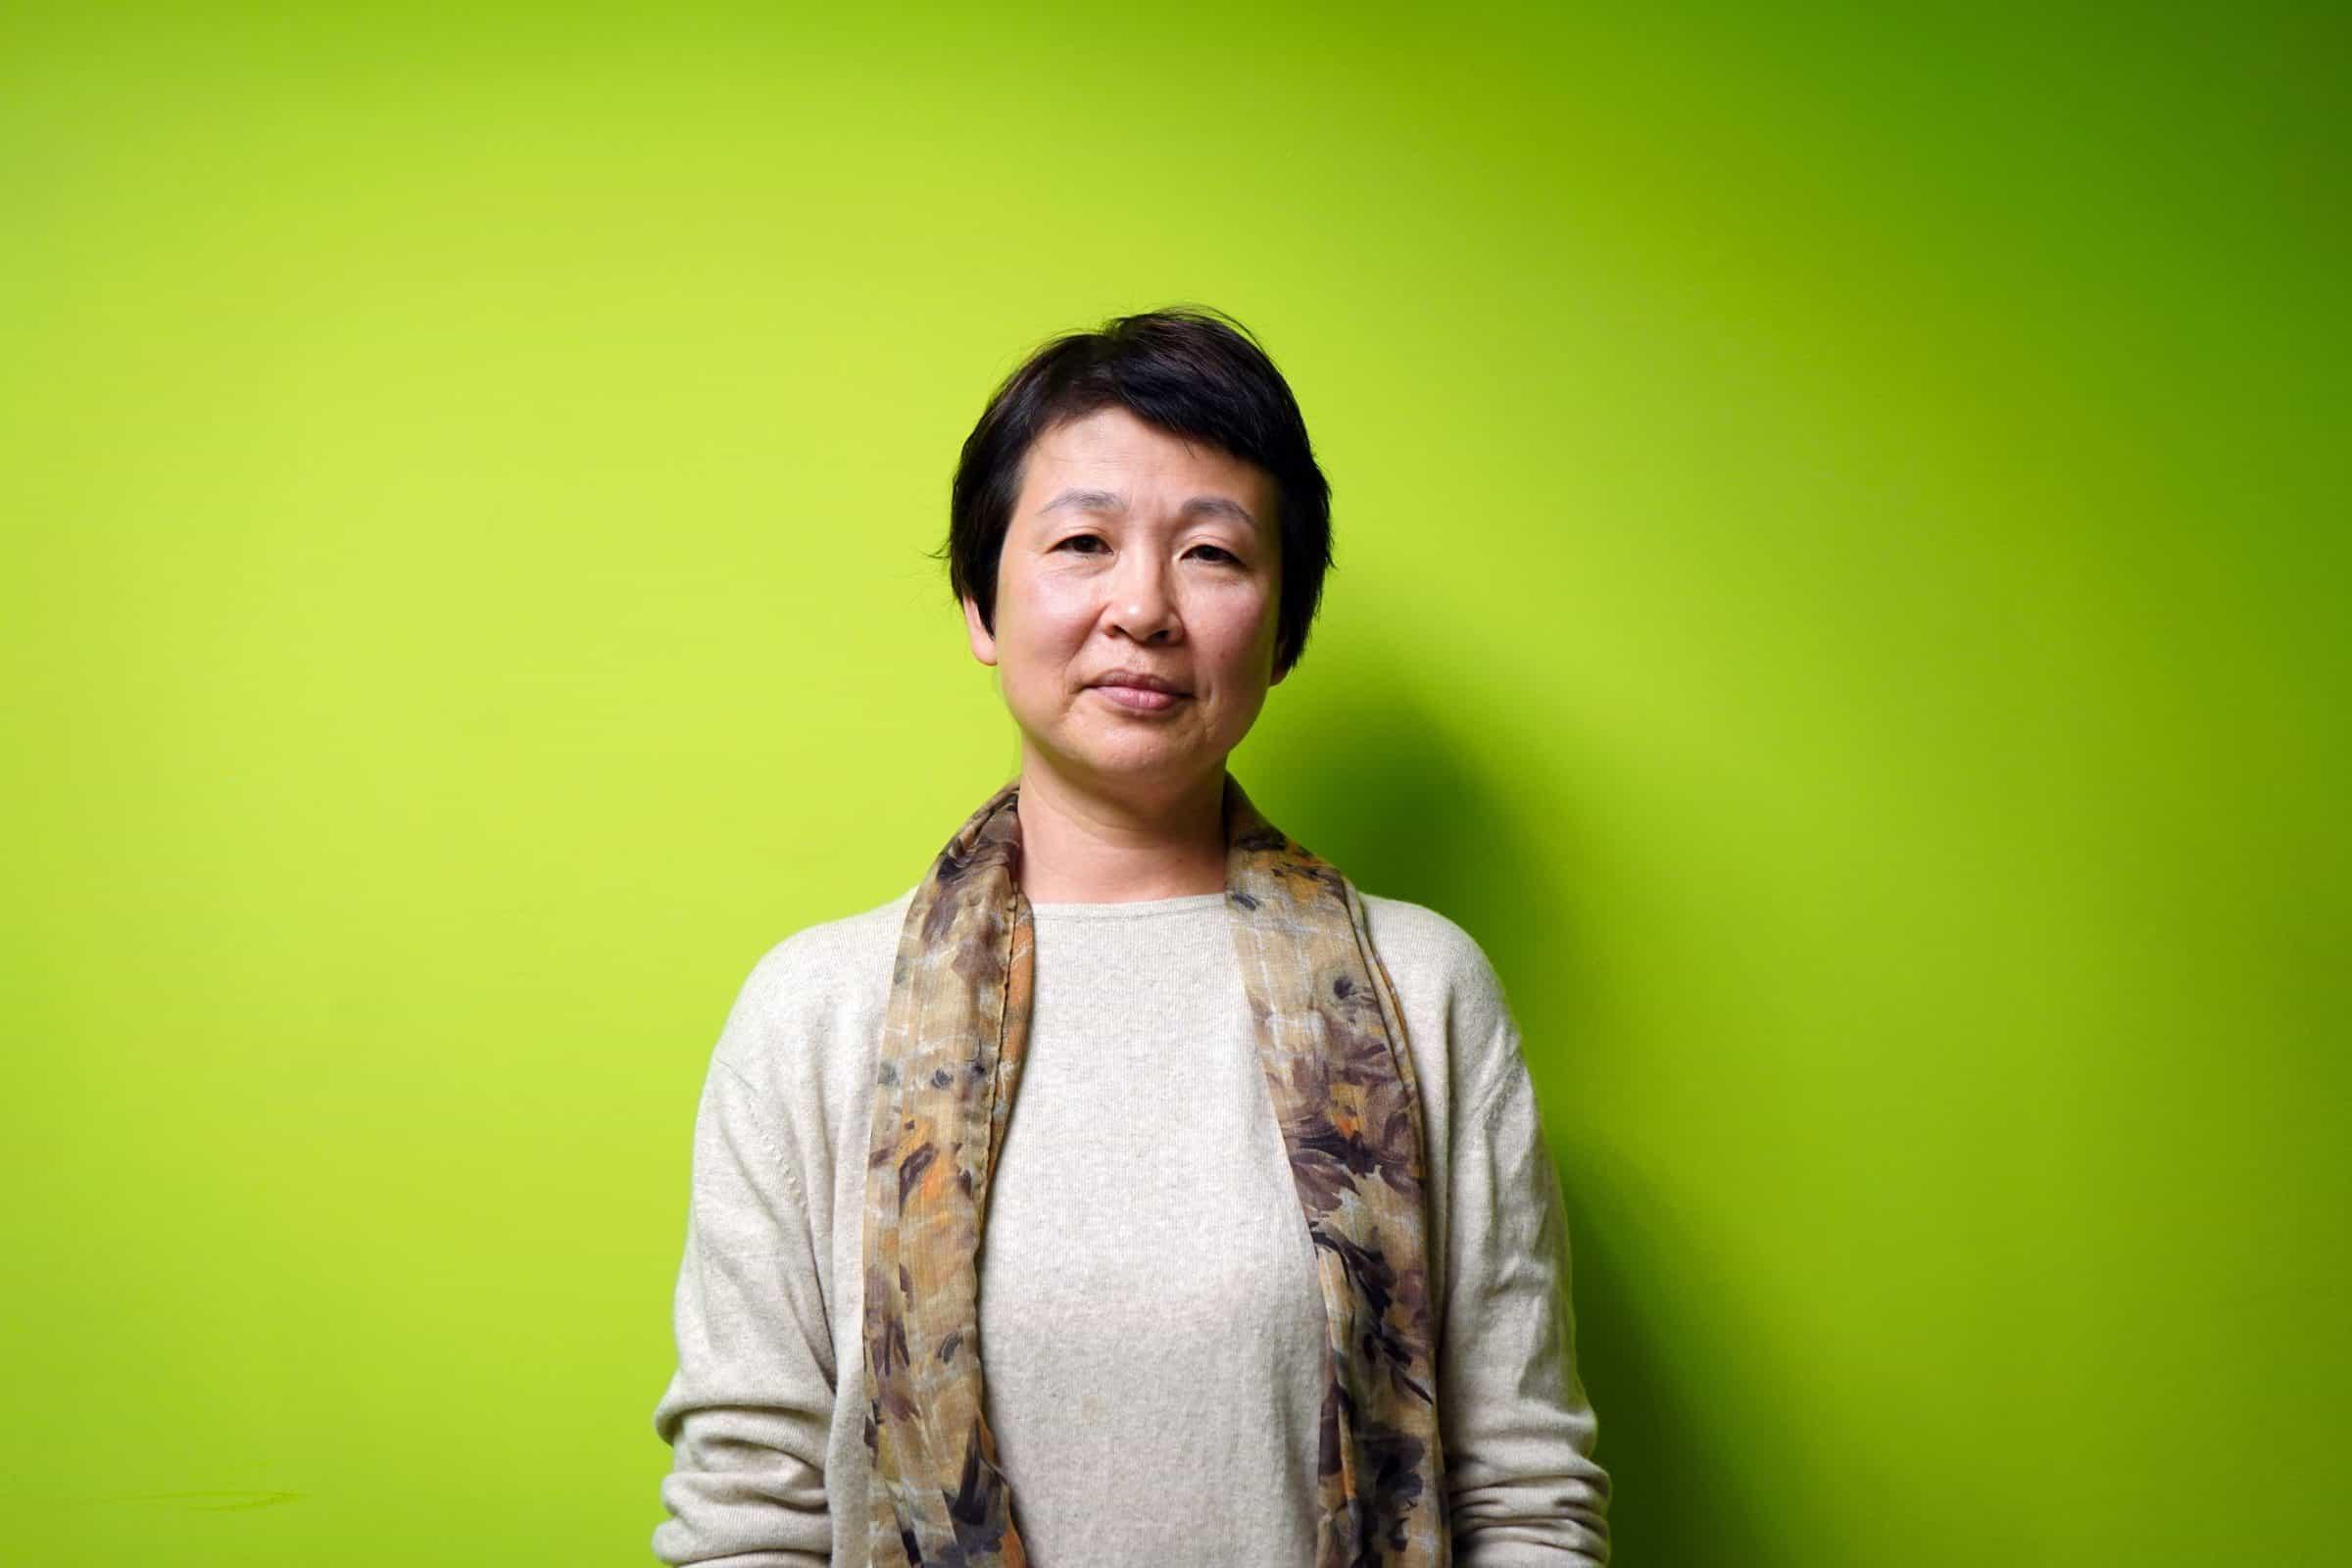 凱琳從大學畢業後,回台灣創業開幼稚園,退休後,在經營親子共度計畫